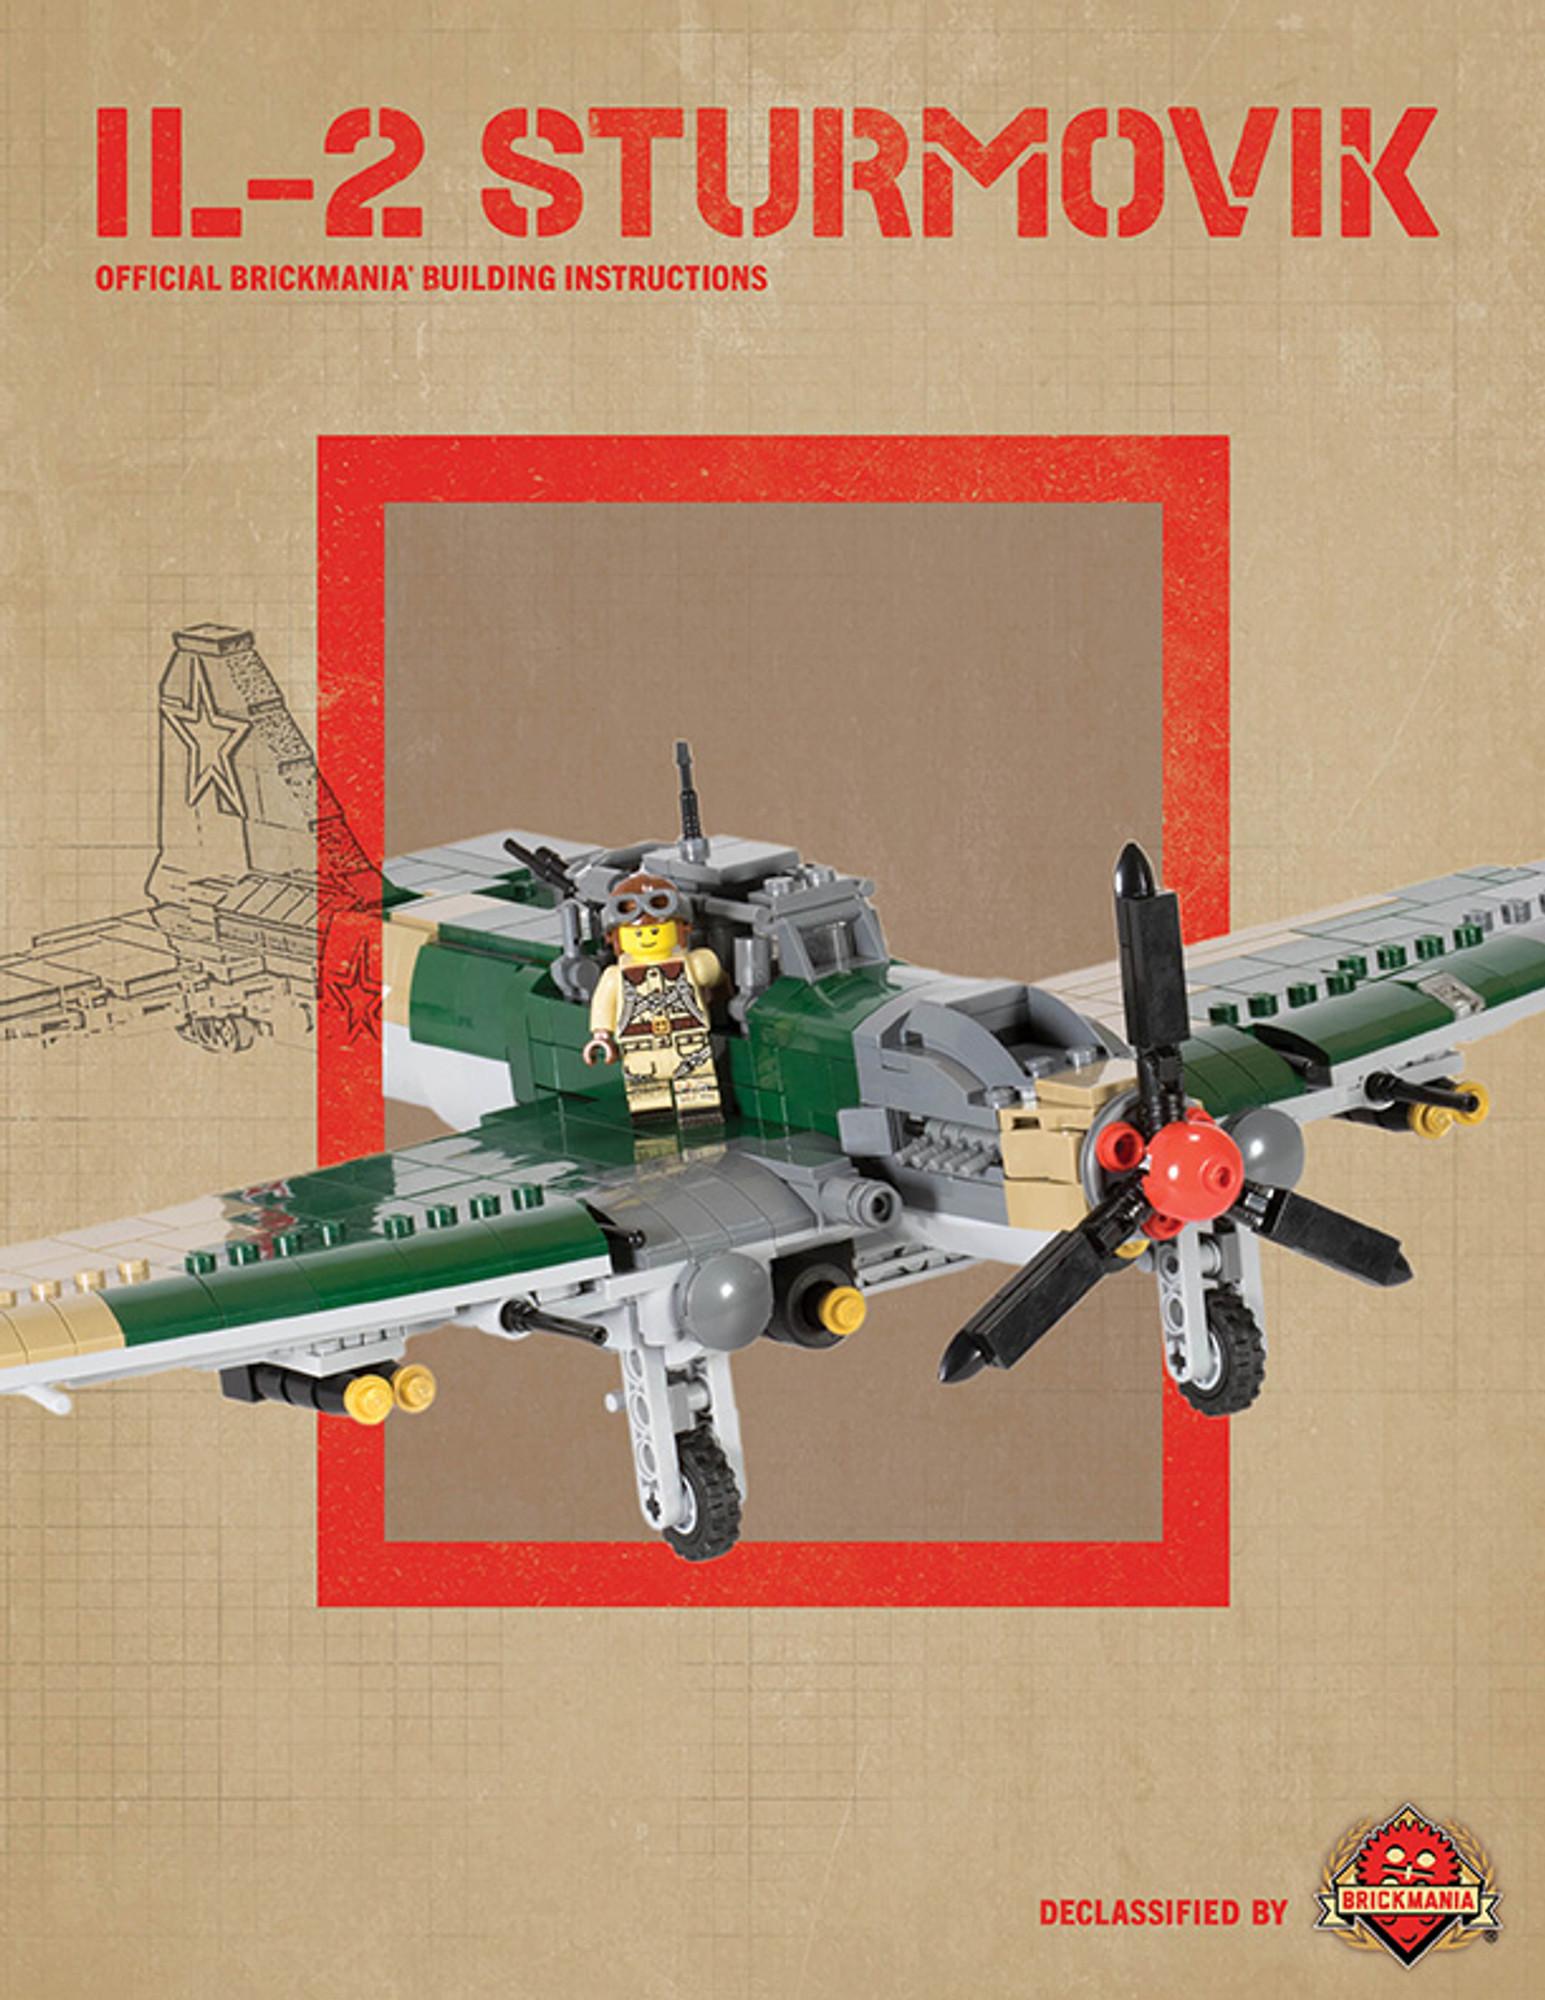 Il-2 Sturmovik - Digital Building Instructions